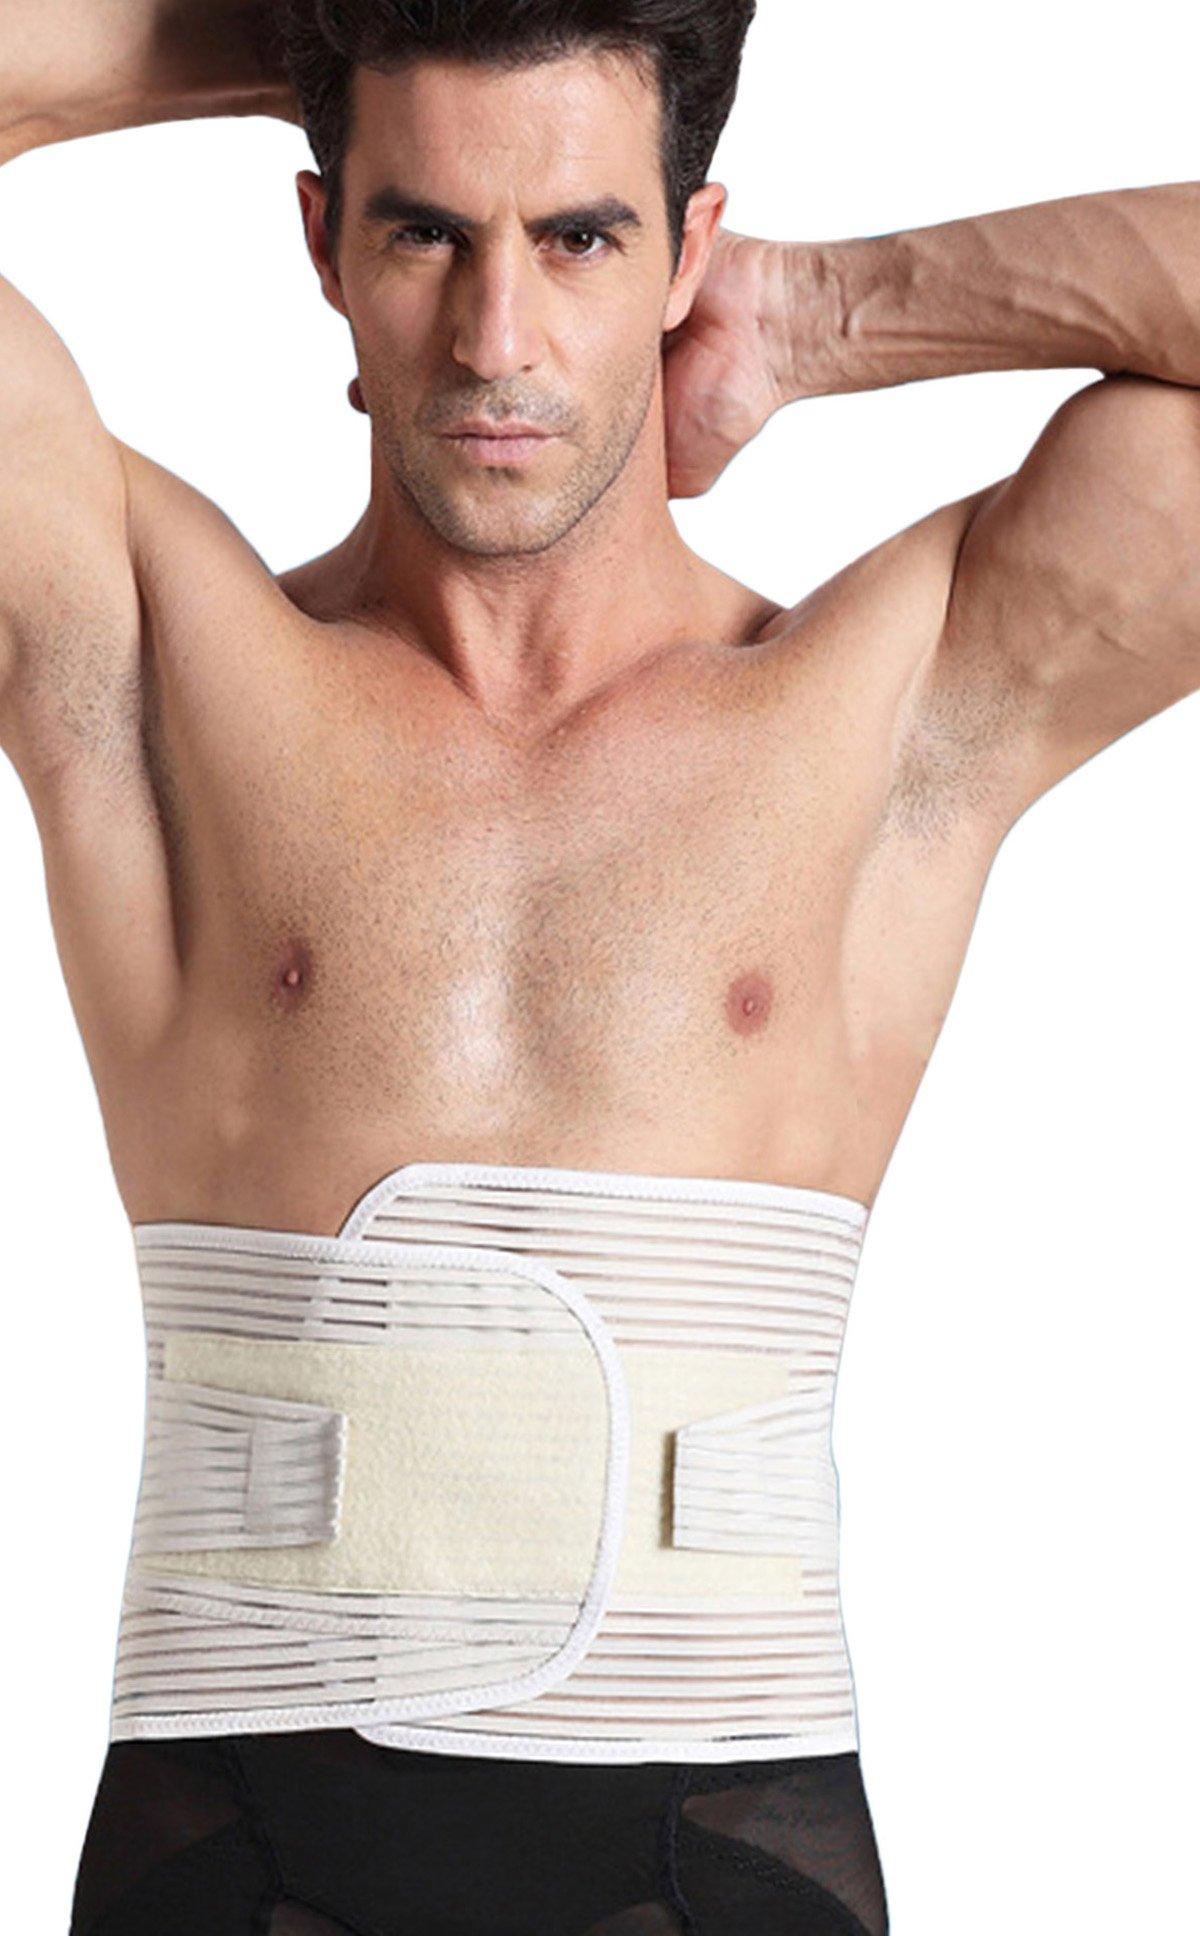 Panegy Adjustable Velcro Back Tummy Brace Compression Support Belt Shapewear Size XX-Large Skin